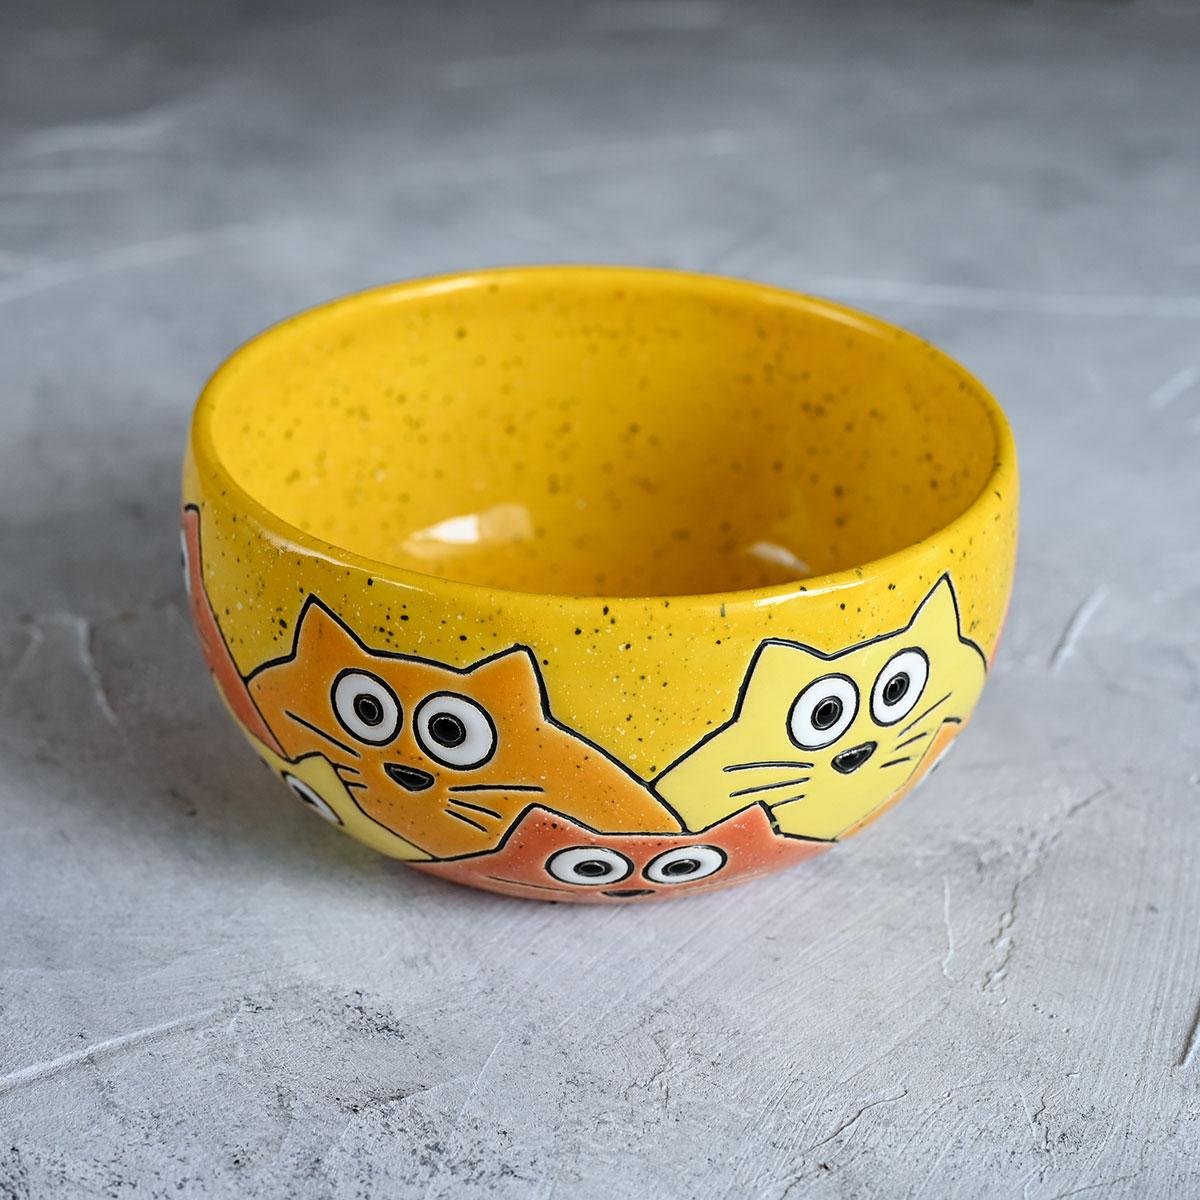 """картинка Миска """"Котики"""" желтая - DishWishes.Ru"""